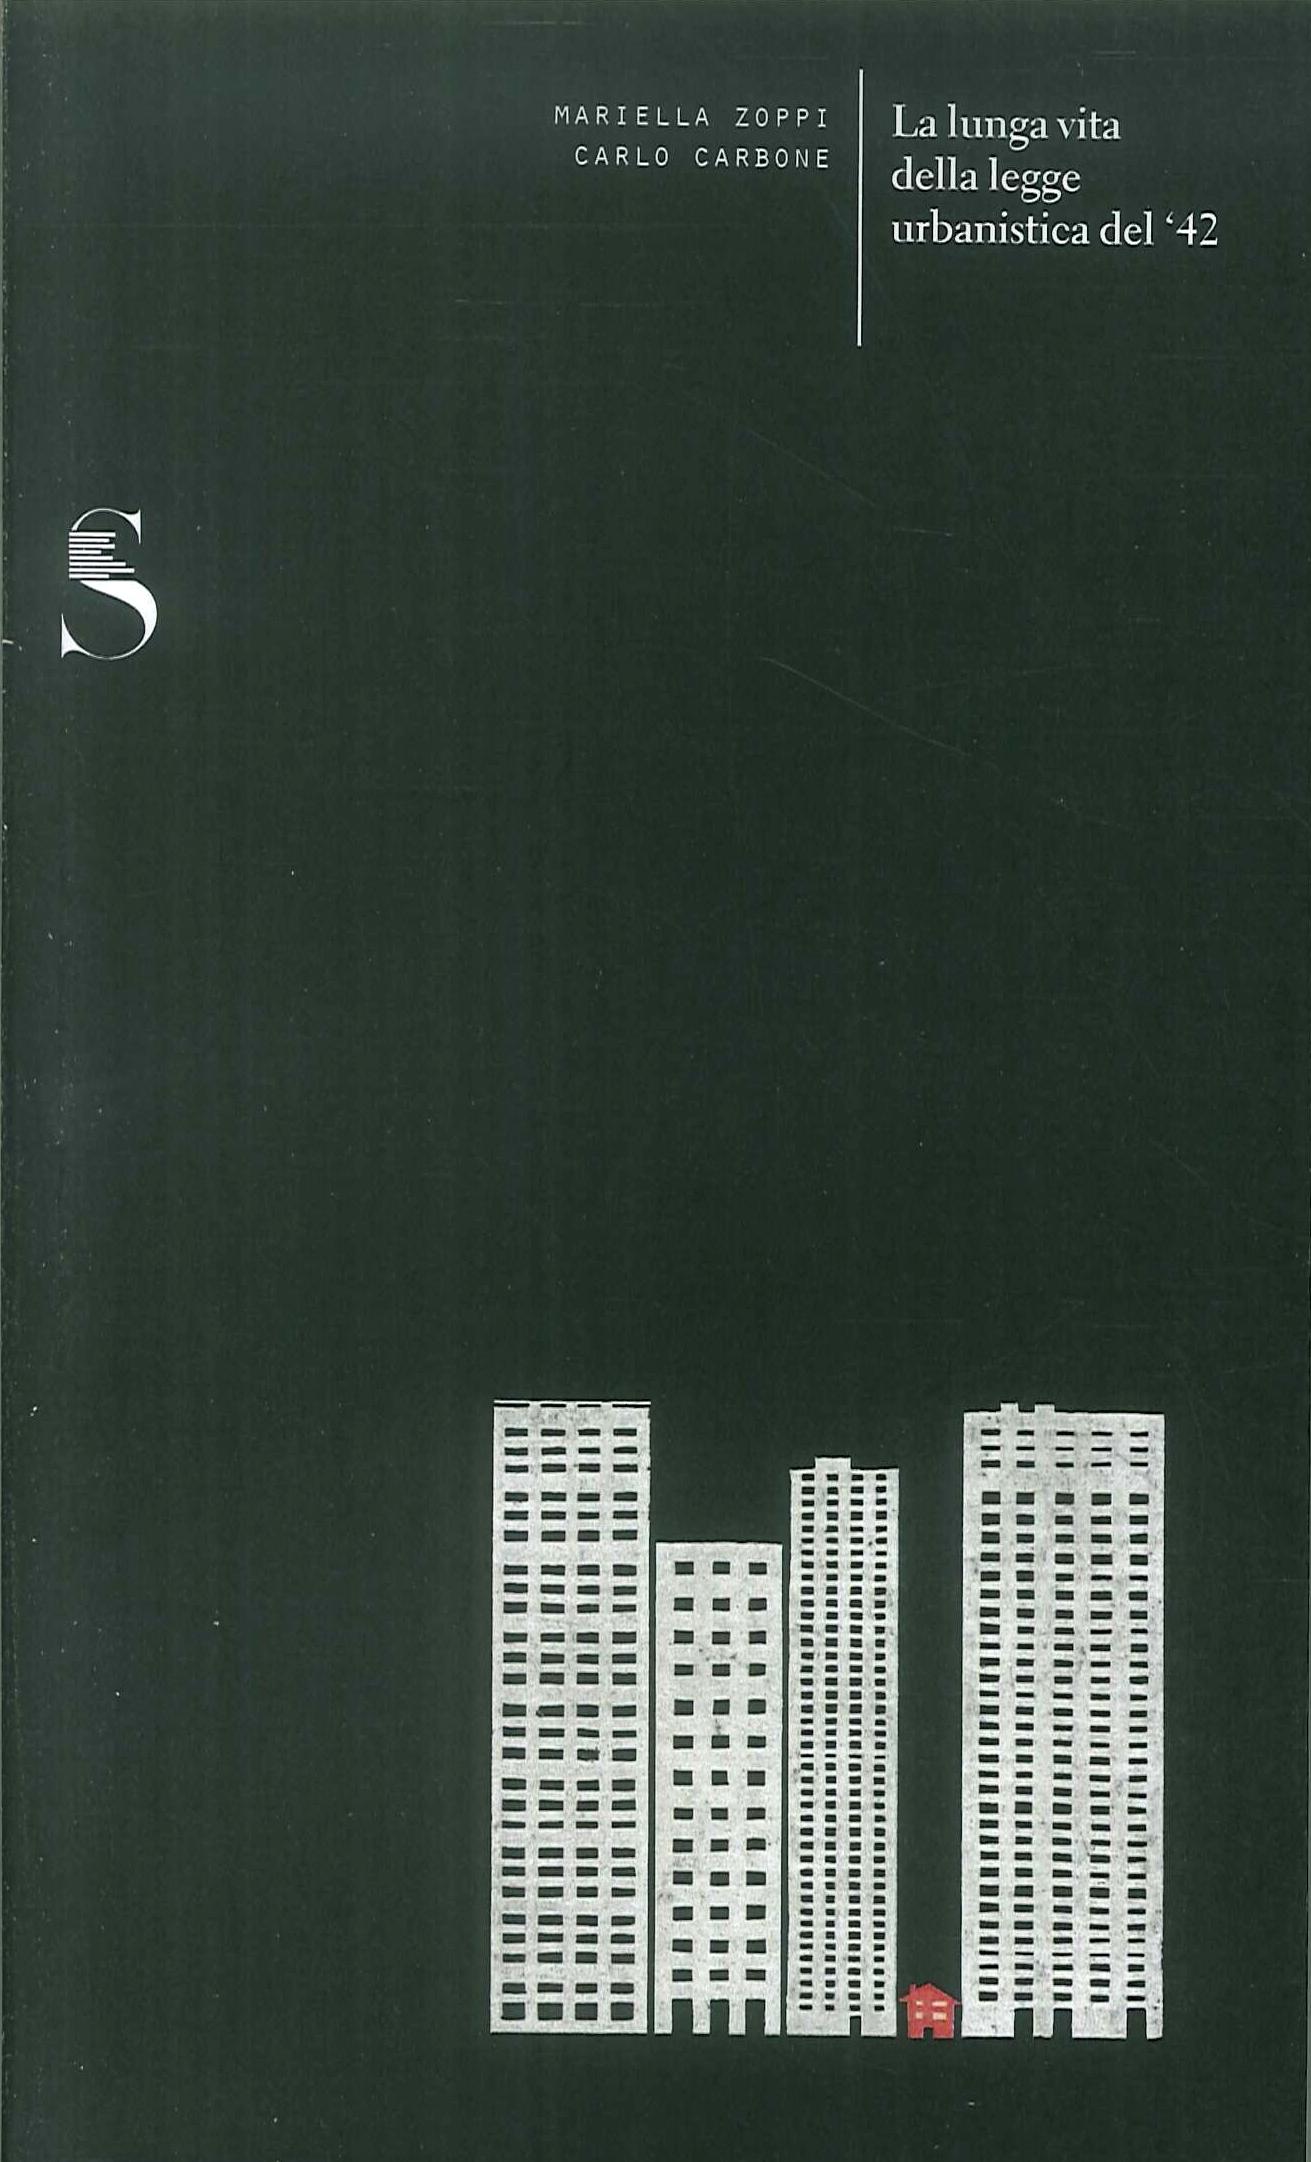 La lunga vita della legge urbanistica del '42